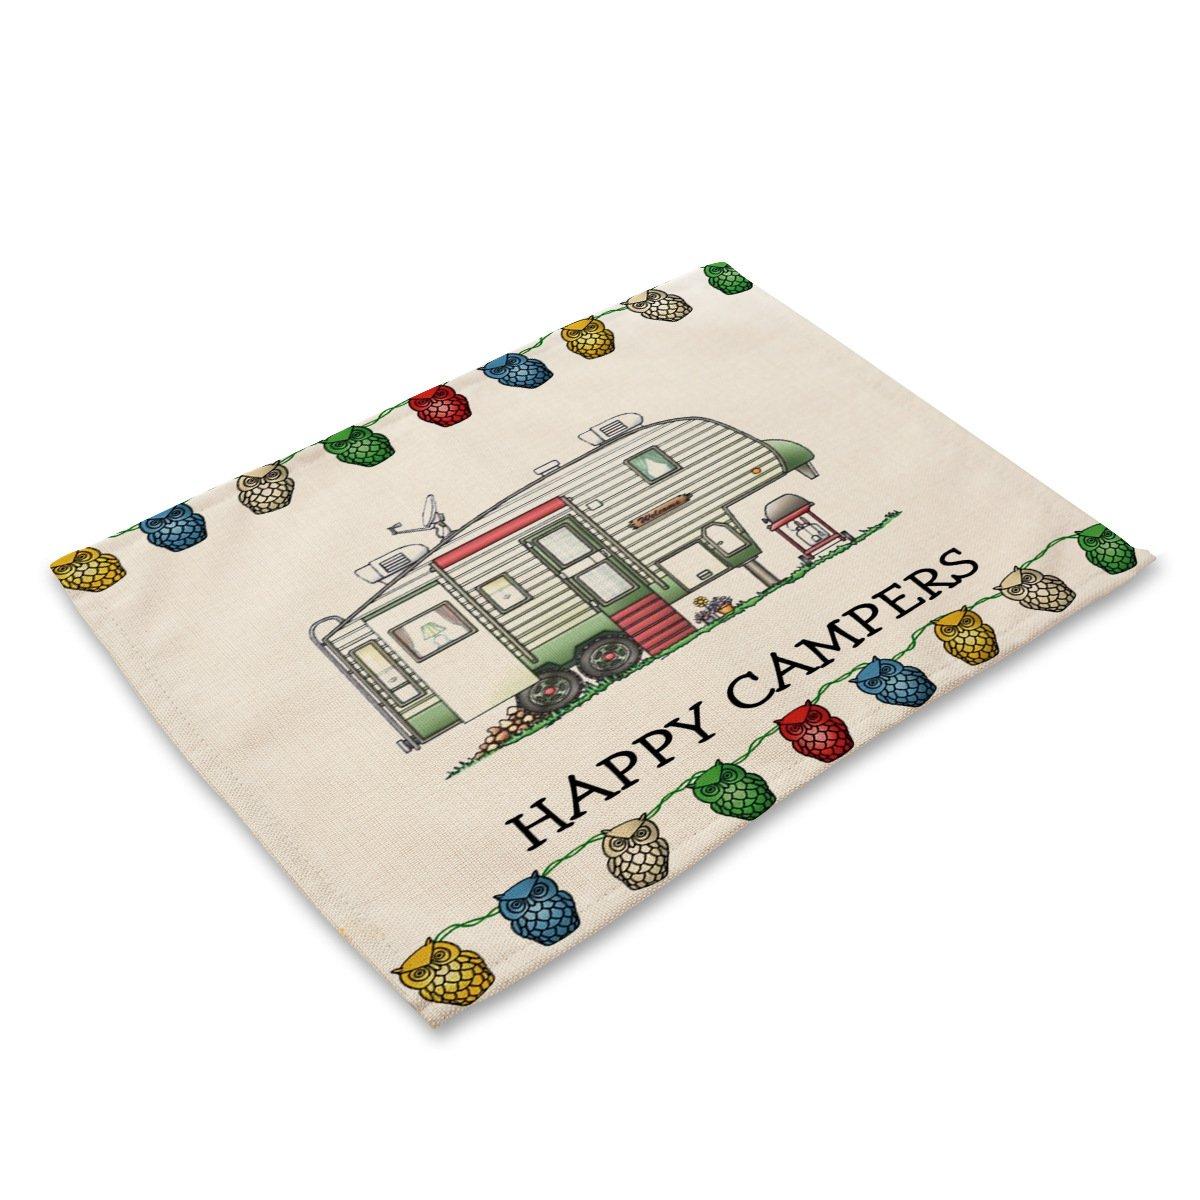 Eazyhurry Happy Camppers Set de Table Lavable avec Impression de Camping-Cars pour Tasses 41,9 x 31,8 cm